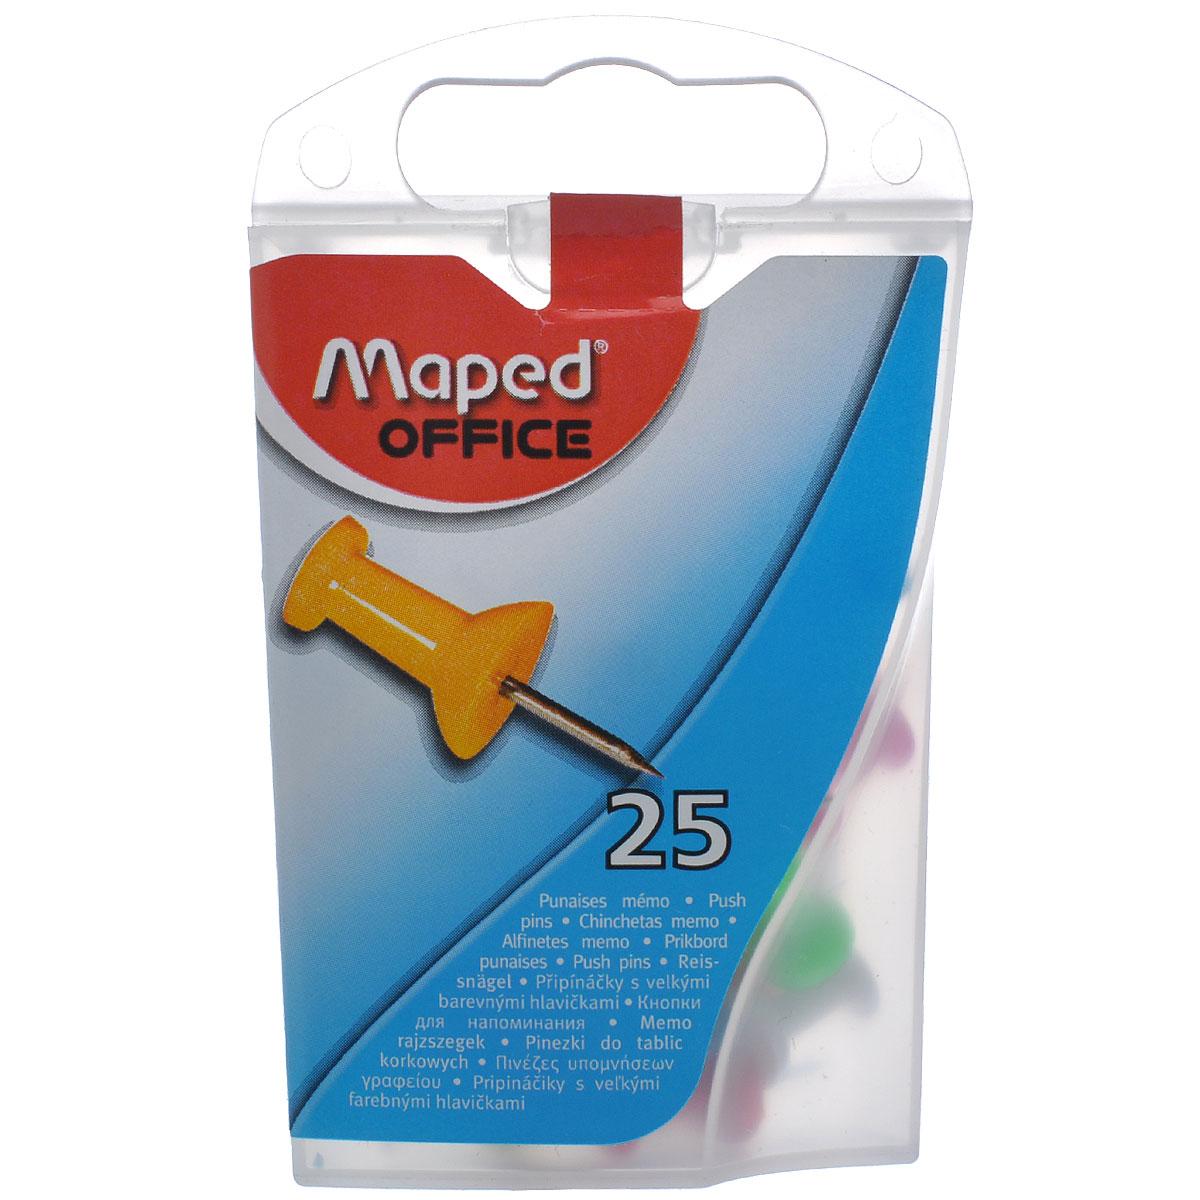 Кнопки-гвоздики канцелярские Maped, цветные, 25 штPP-103Канцелярские кнопки-гвоздики Maped предназначены для крепления информации к пробковым досками и другим поверхностям, удобны для маркировки. Кнопки изготовлены из высококачественного металла с удобными цветными держателями и упакованы в пластиковую коробку с европодвесом. В наборе 25 кнопок-гвоздиков с держателями желтого, красного, белого, розового и голубого цветов.Цветные канцелярские кнопки Maped разбавят строгую офисную обстановку яркими цветами и поднимут настроение. Характеристики:Материал: пластик, металл. Размер кнопки (ДхШхВ): 2,3 см х 0,8 см х 0,8 см. Количество: 25 шт. Размер упаковки (ДхШхВ): 9 см х 5,5 см х 2,5 см.